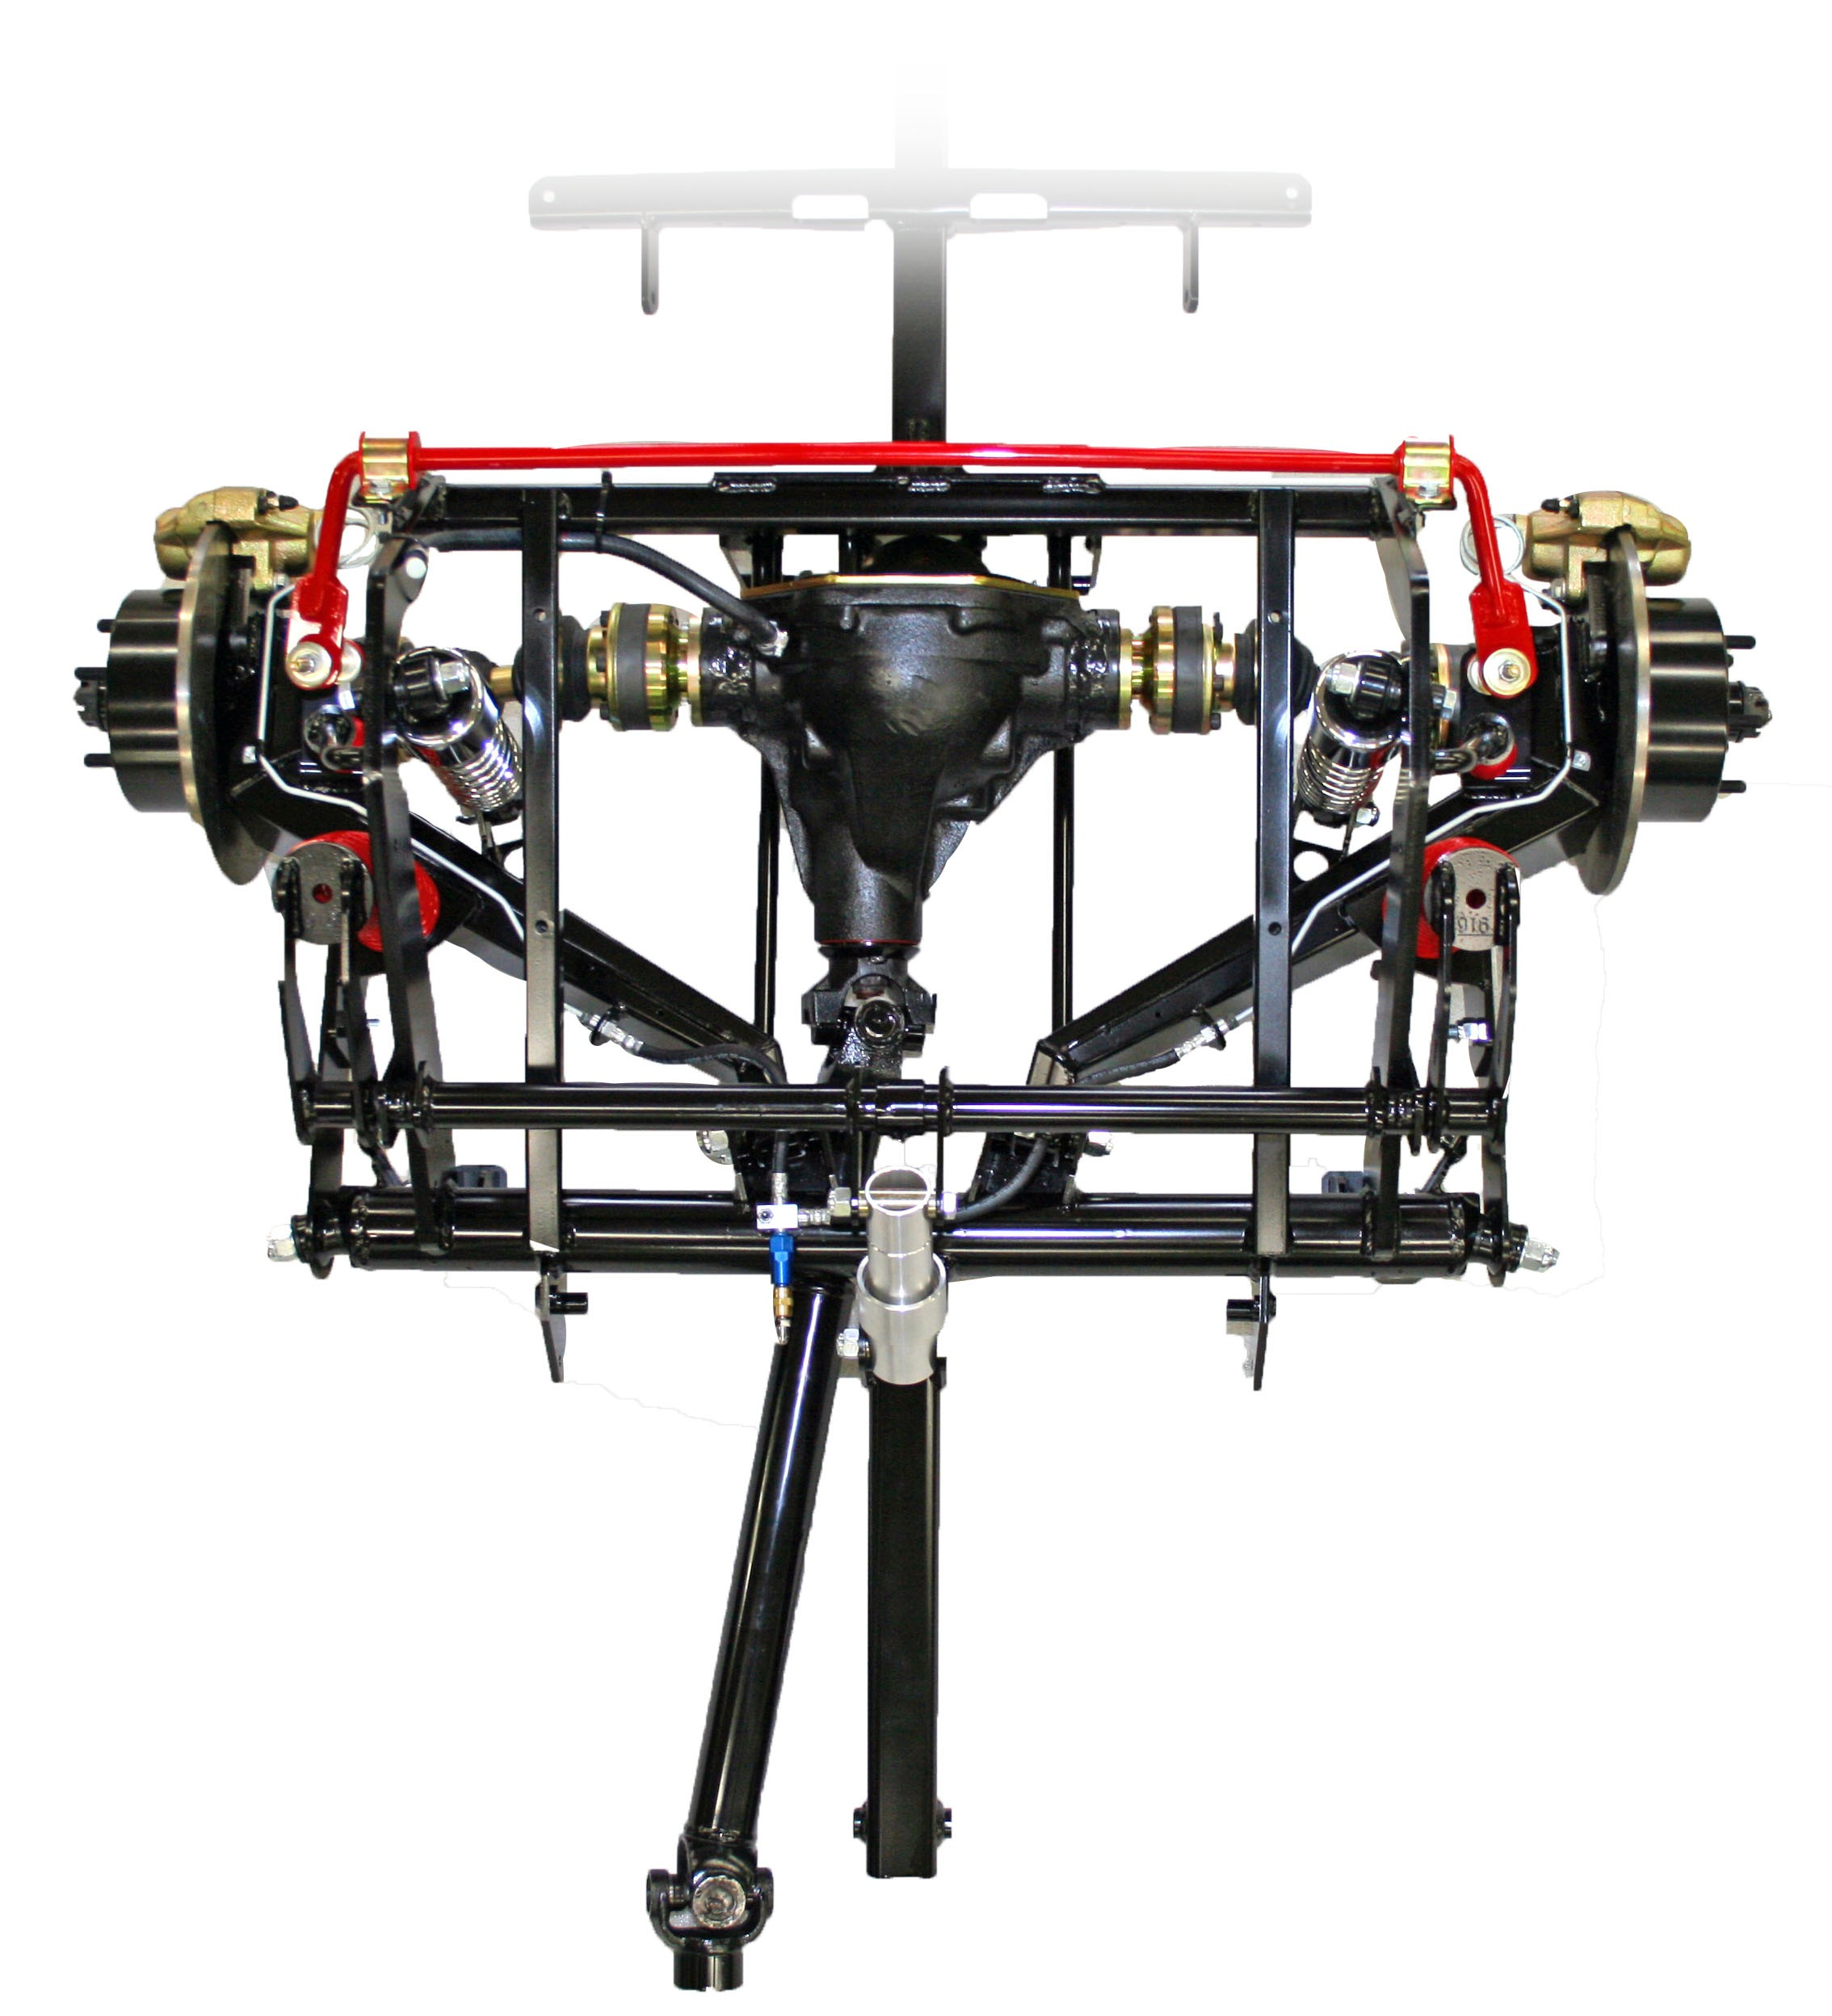 Independent Suspension Diagram Trikes Hts1800 Roadsmith Trikes Of Independent Suspension Diagram